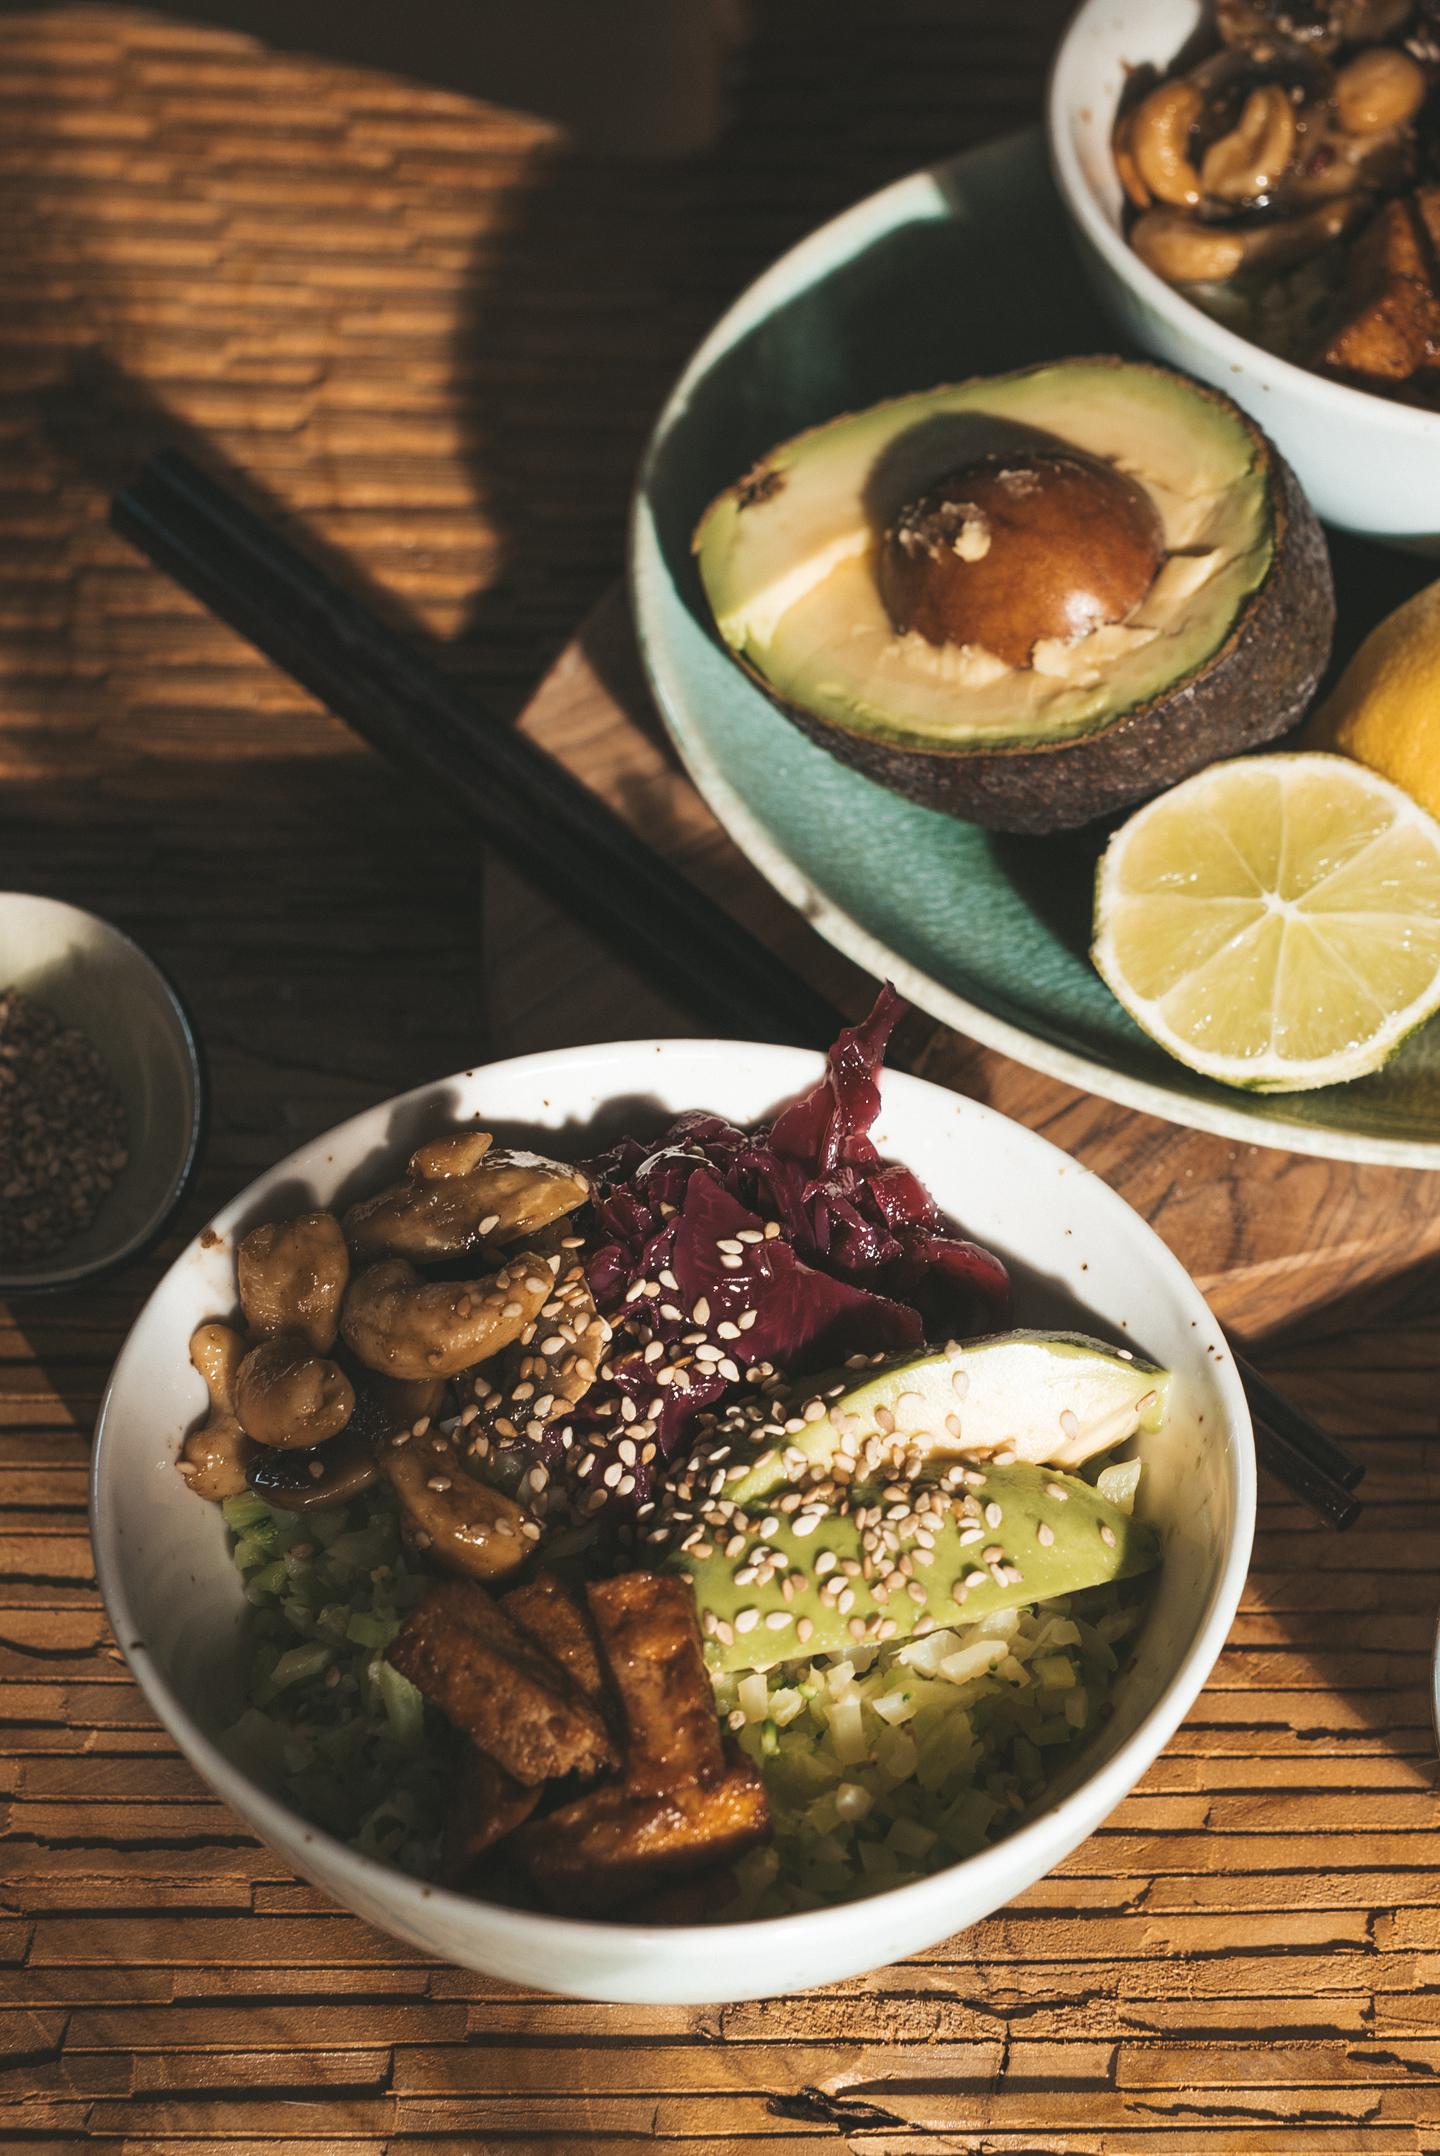 Eet GeeAziatische vegan maaltijdsalade n Dierendag vegan recepten